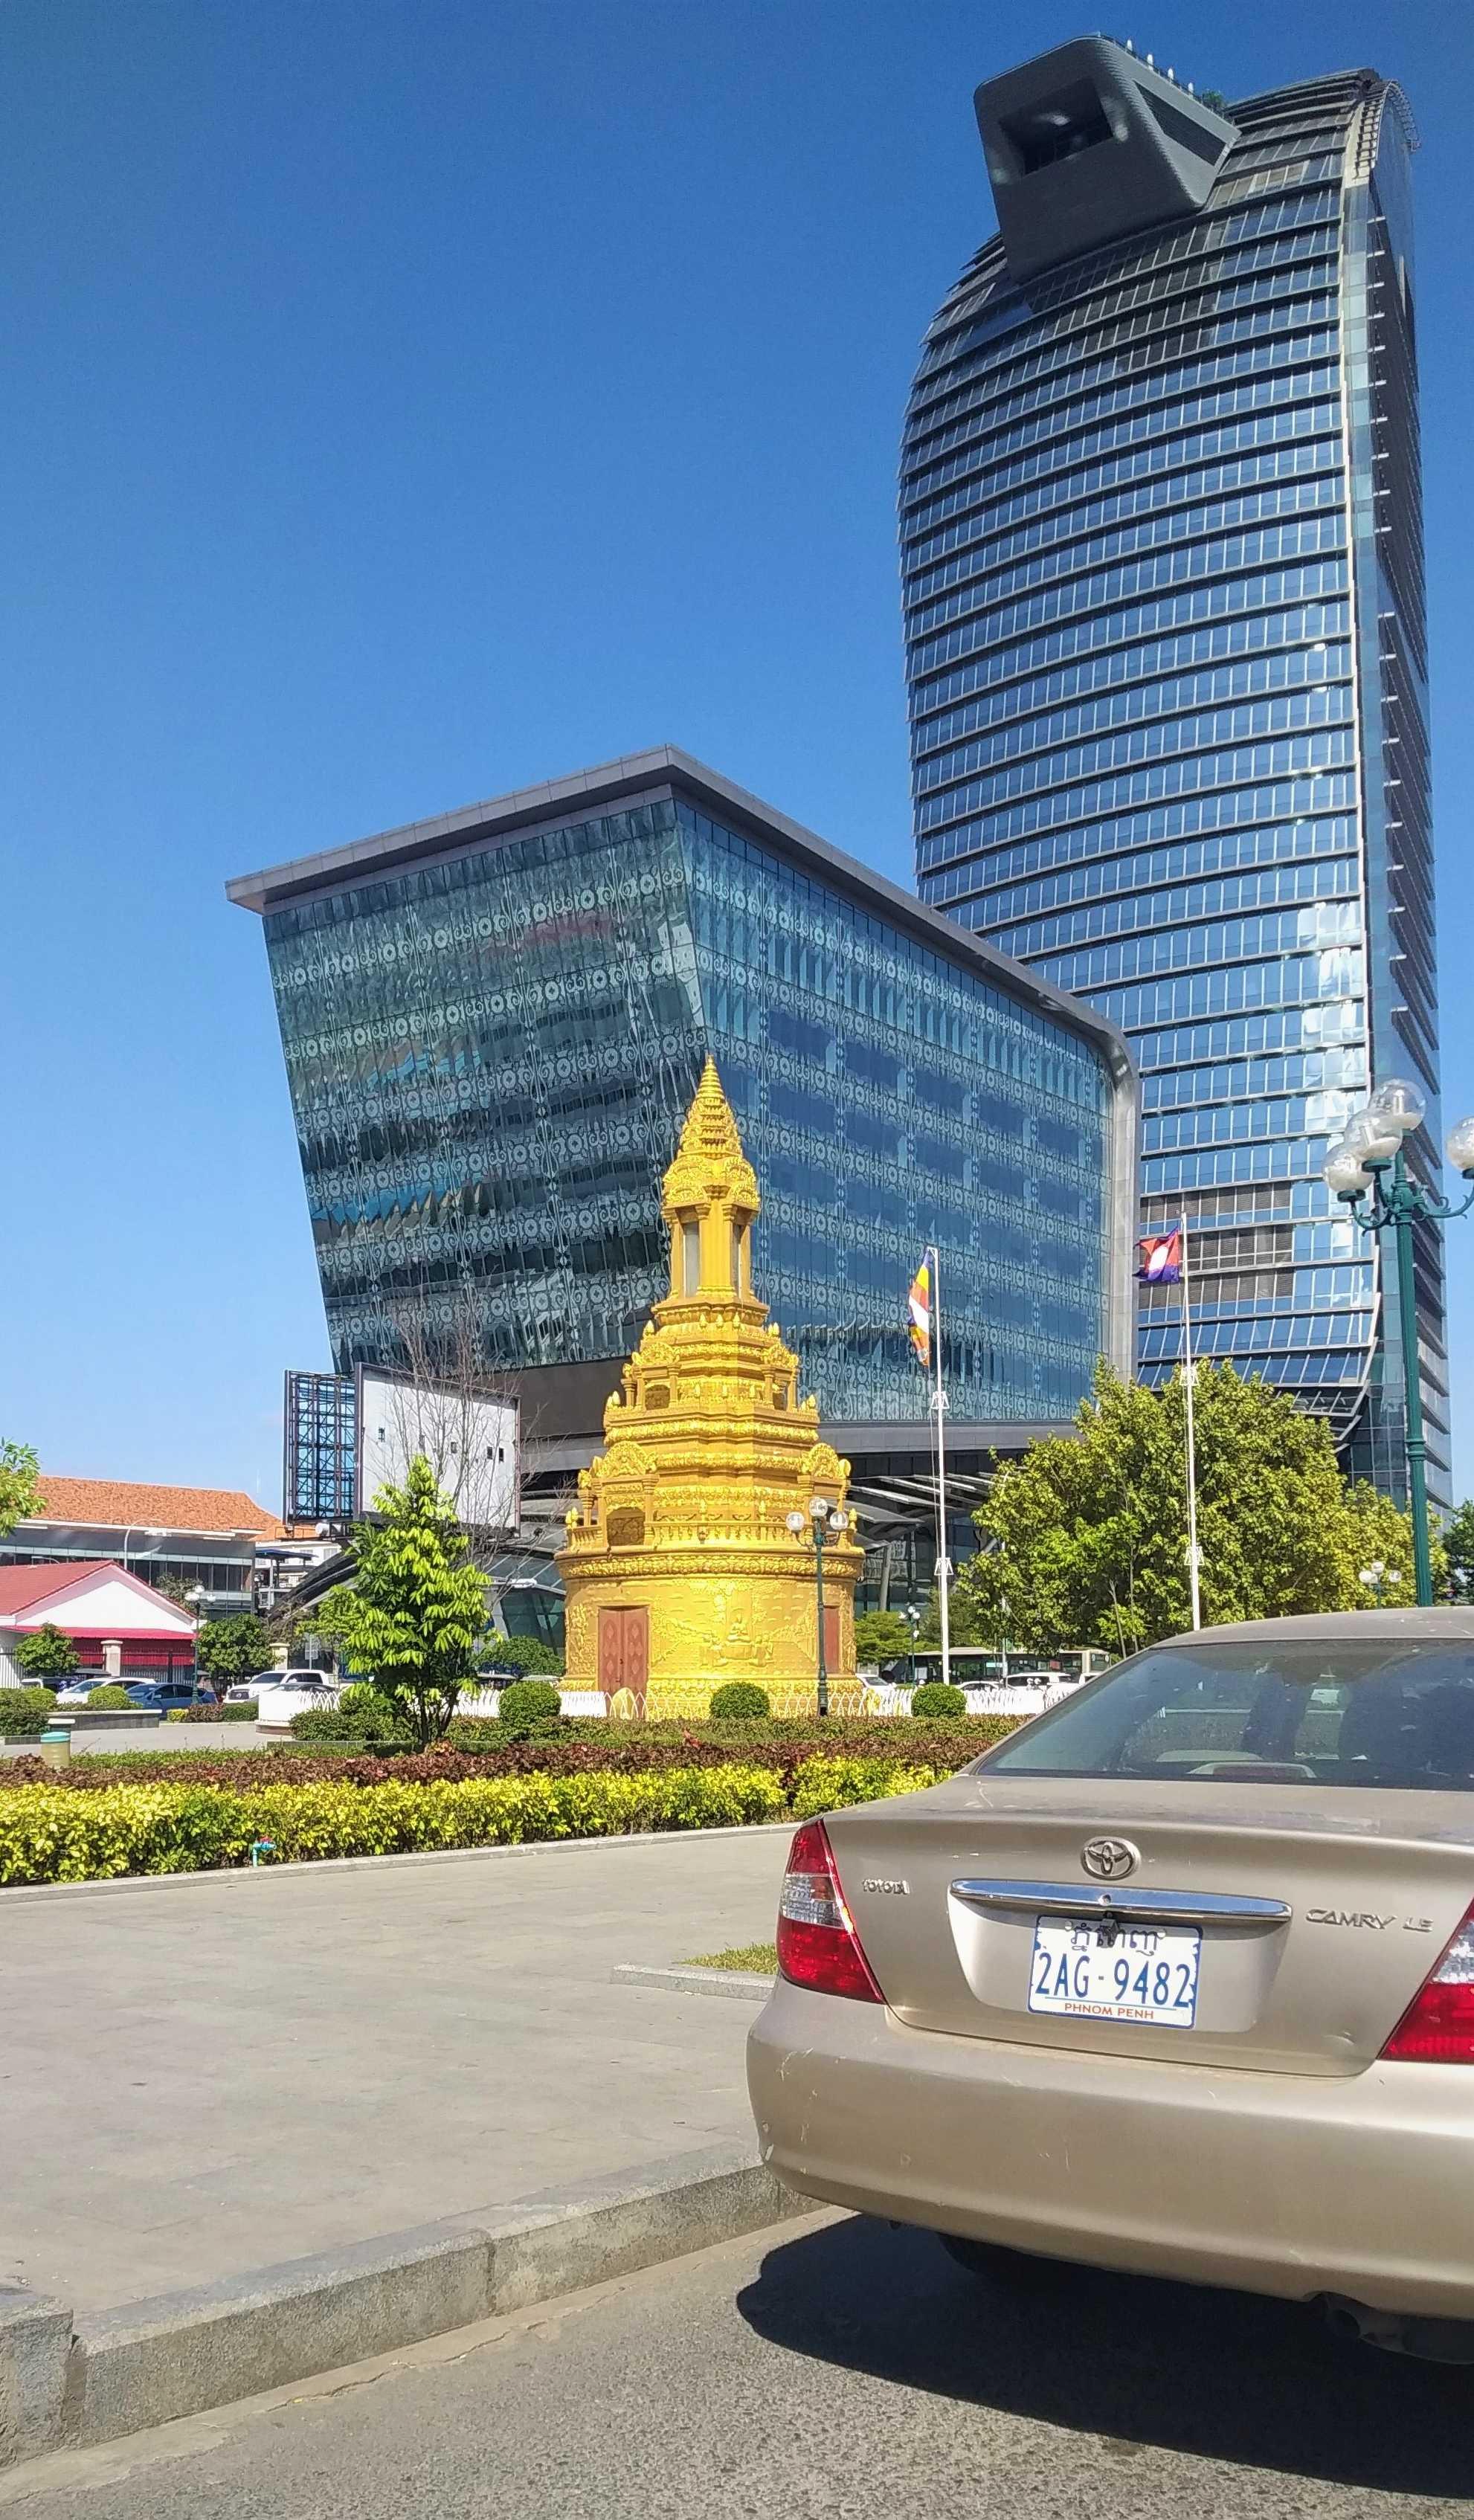 Столица Камбоджи, особенно центр города, изменяется столь бурными темпами, что городской ландшафт начинает напоминать очертаниями бизнес-успешные Сеул, Сингапур, Куала-Лумпур…